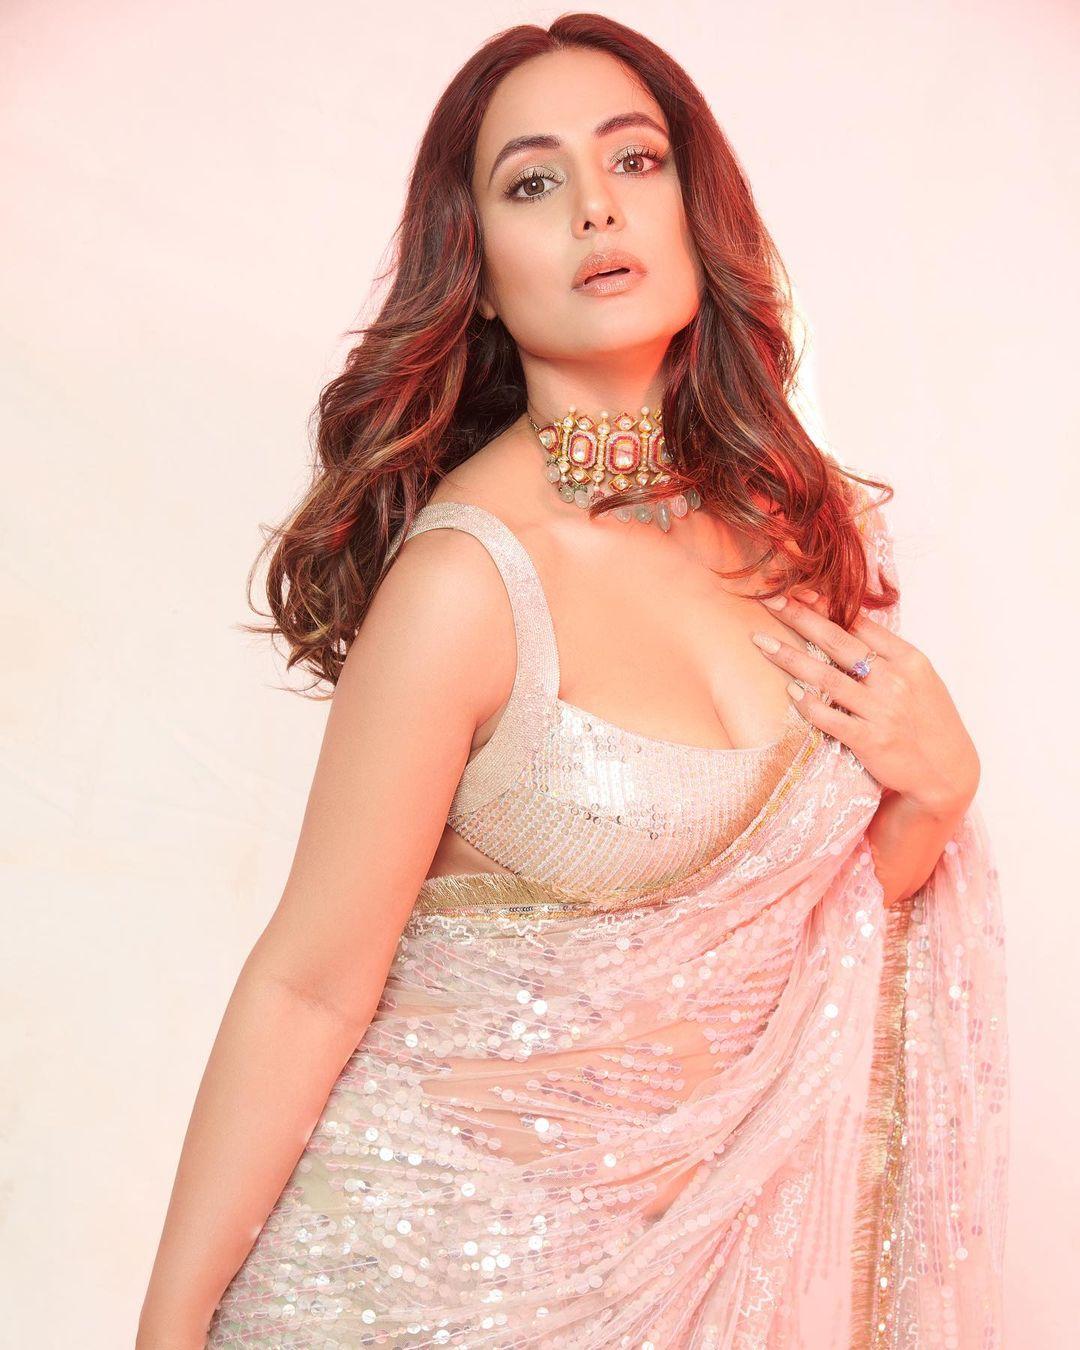 Hina Khan make up video viral